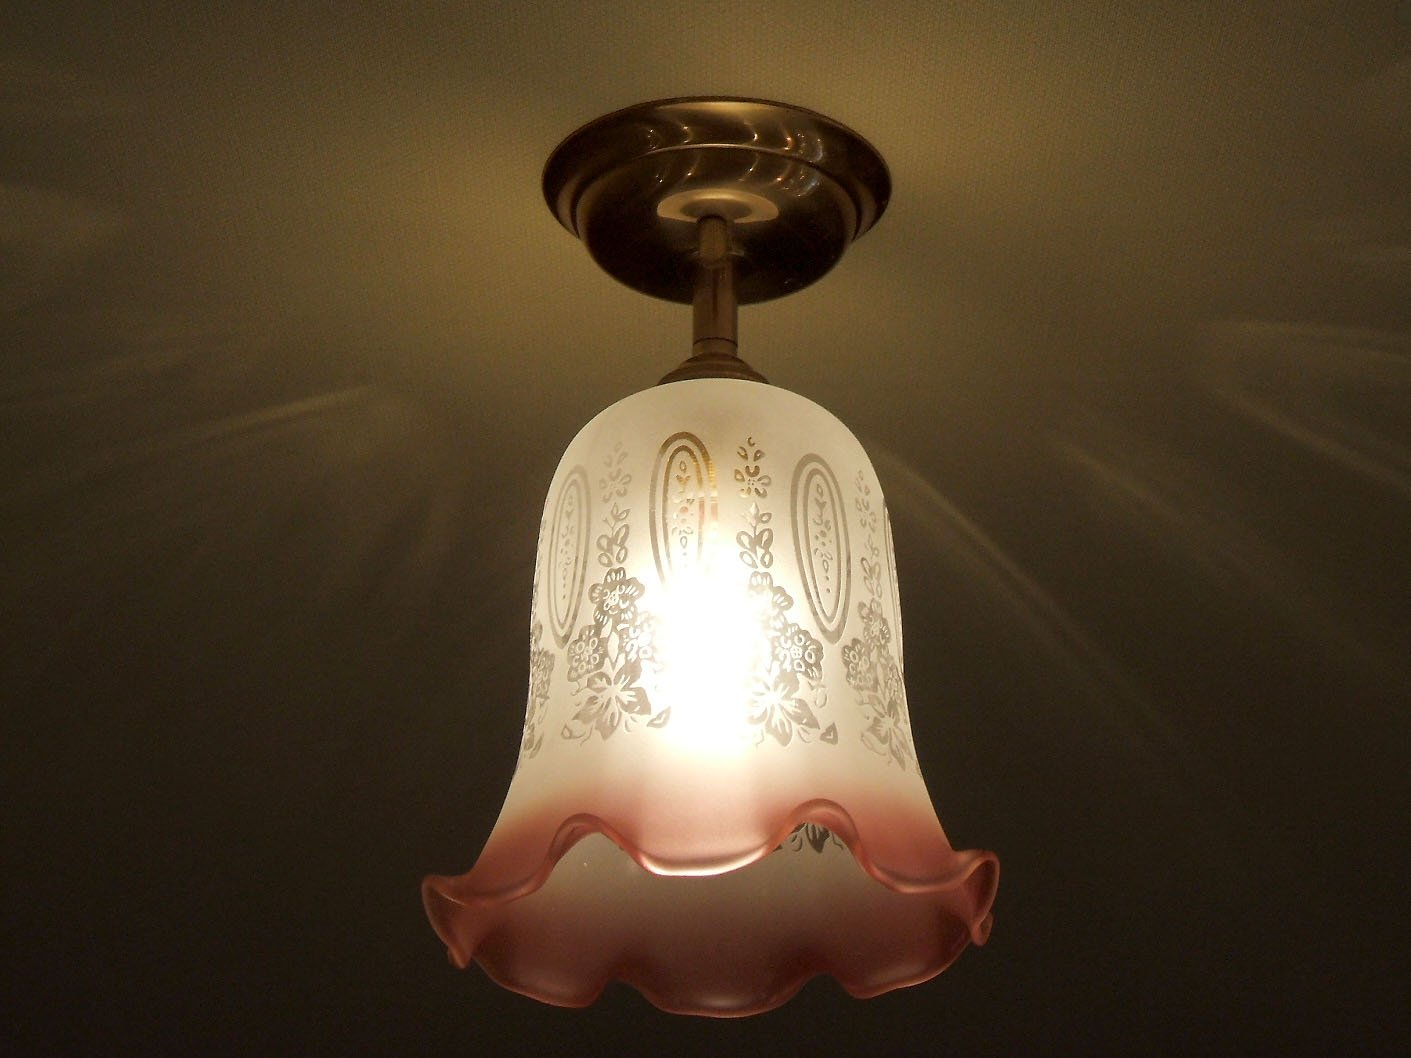 コンコルディア照明 シーリングライト真鍮色 直付けタイプ エッチング模様 すその赤色が美しいガラスシェード 361E/RED-PB391   B0773D2GS5